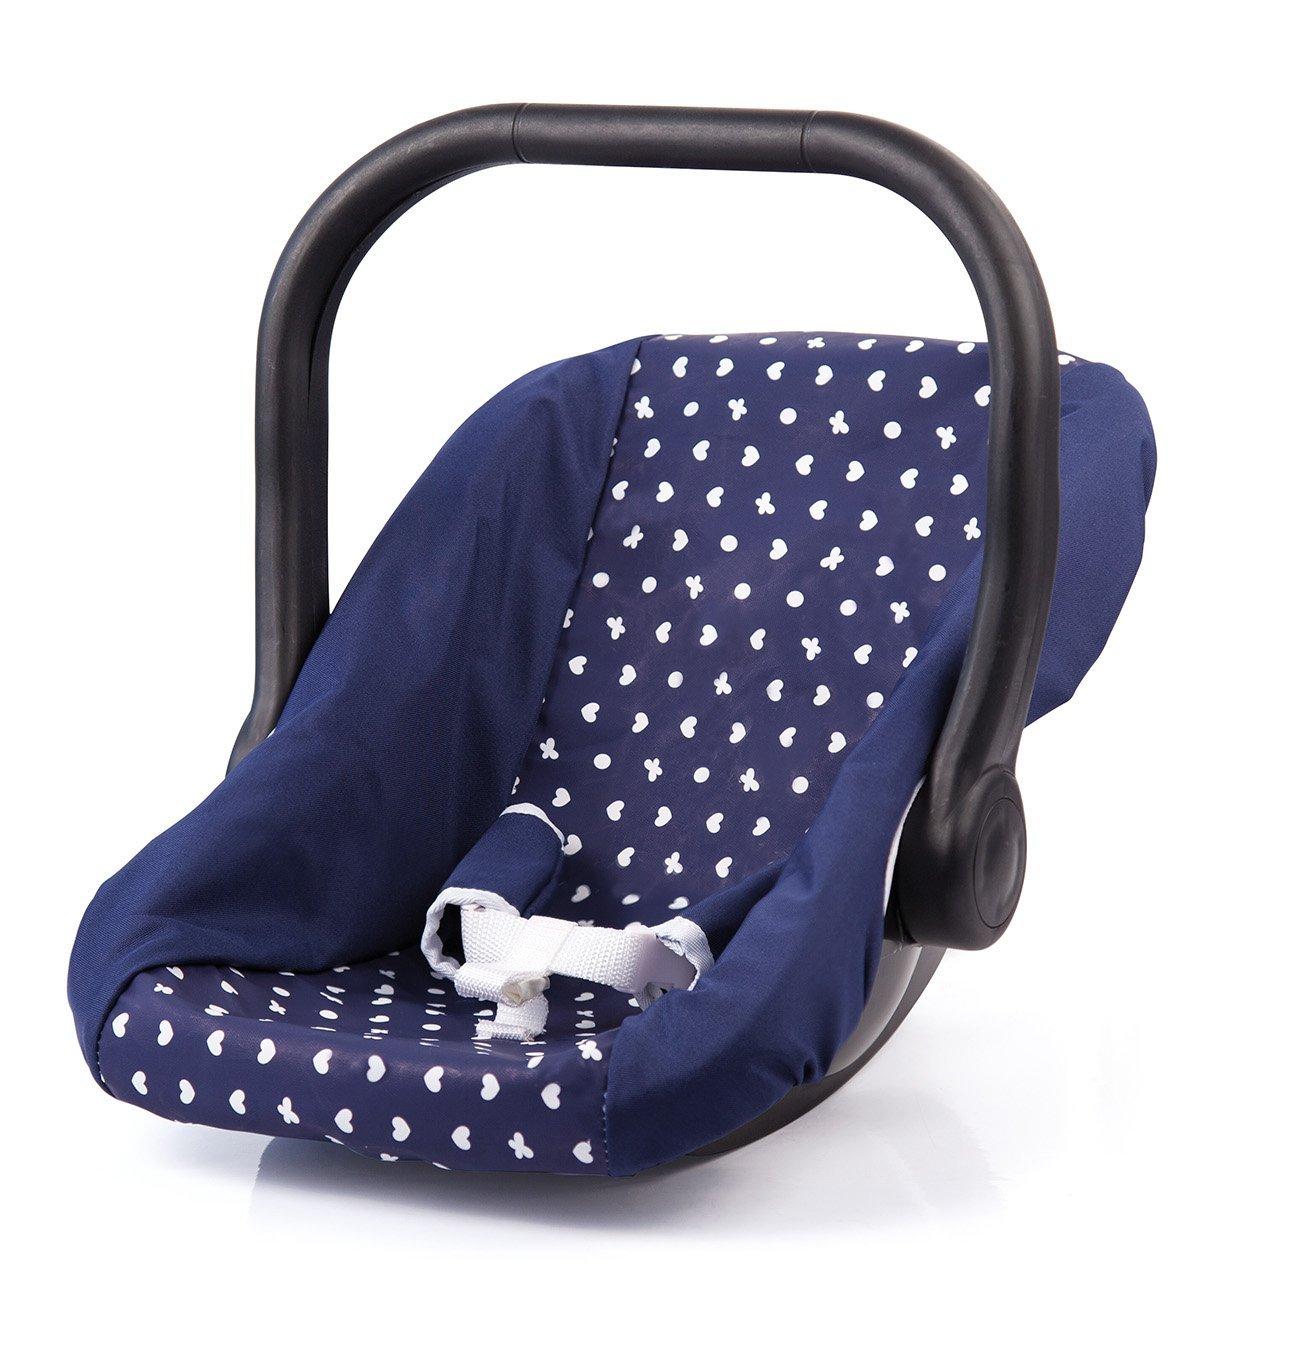 35cm Bayer Design Blue Patterned Dolls Car Seat 7785100